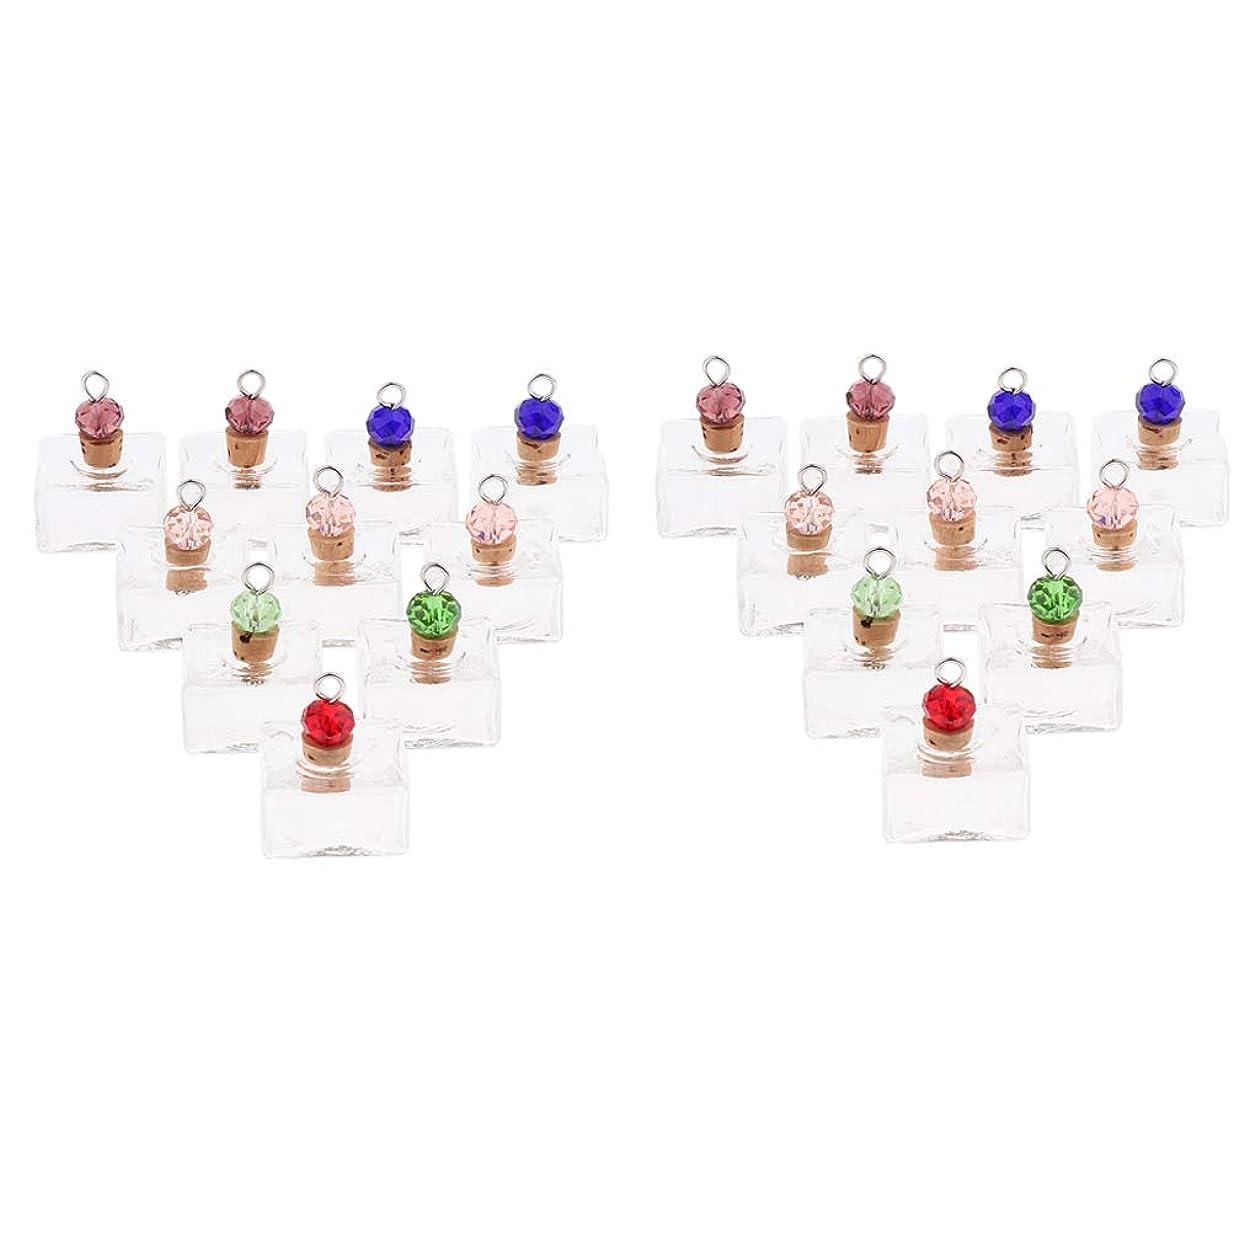 エミュレーション認識テレビを見るP Prettyia 香水 ペンダント ネックレス アロマ ガラス容器 香水瓶 ボトル エッセンシャルオイル